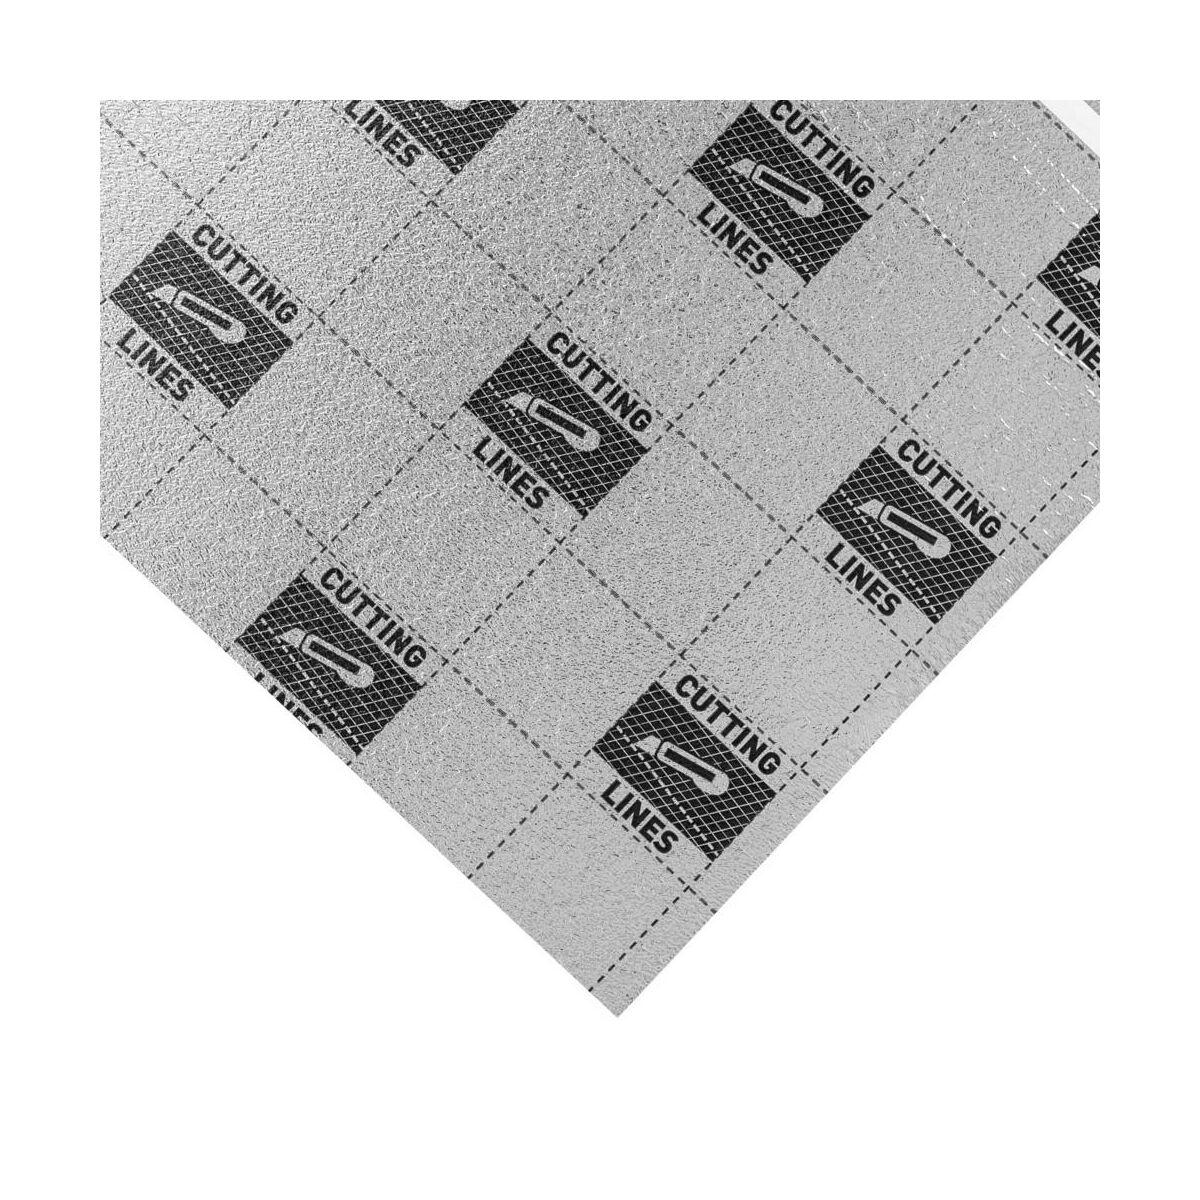 Podklad Podlogowy Isolation Smart 5 Mm Axton Podklady Podlogowe W Atrakcyjnej Cenie W Sklepach Leroy Merlin